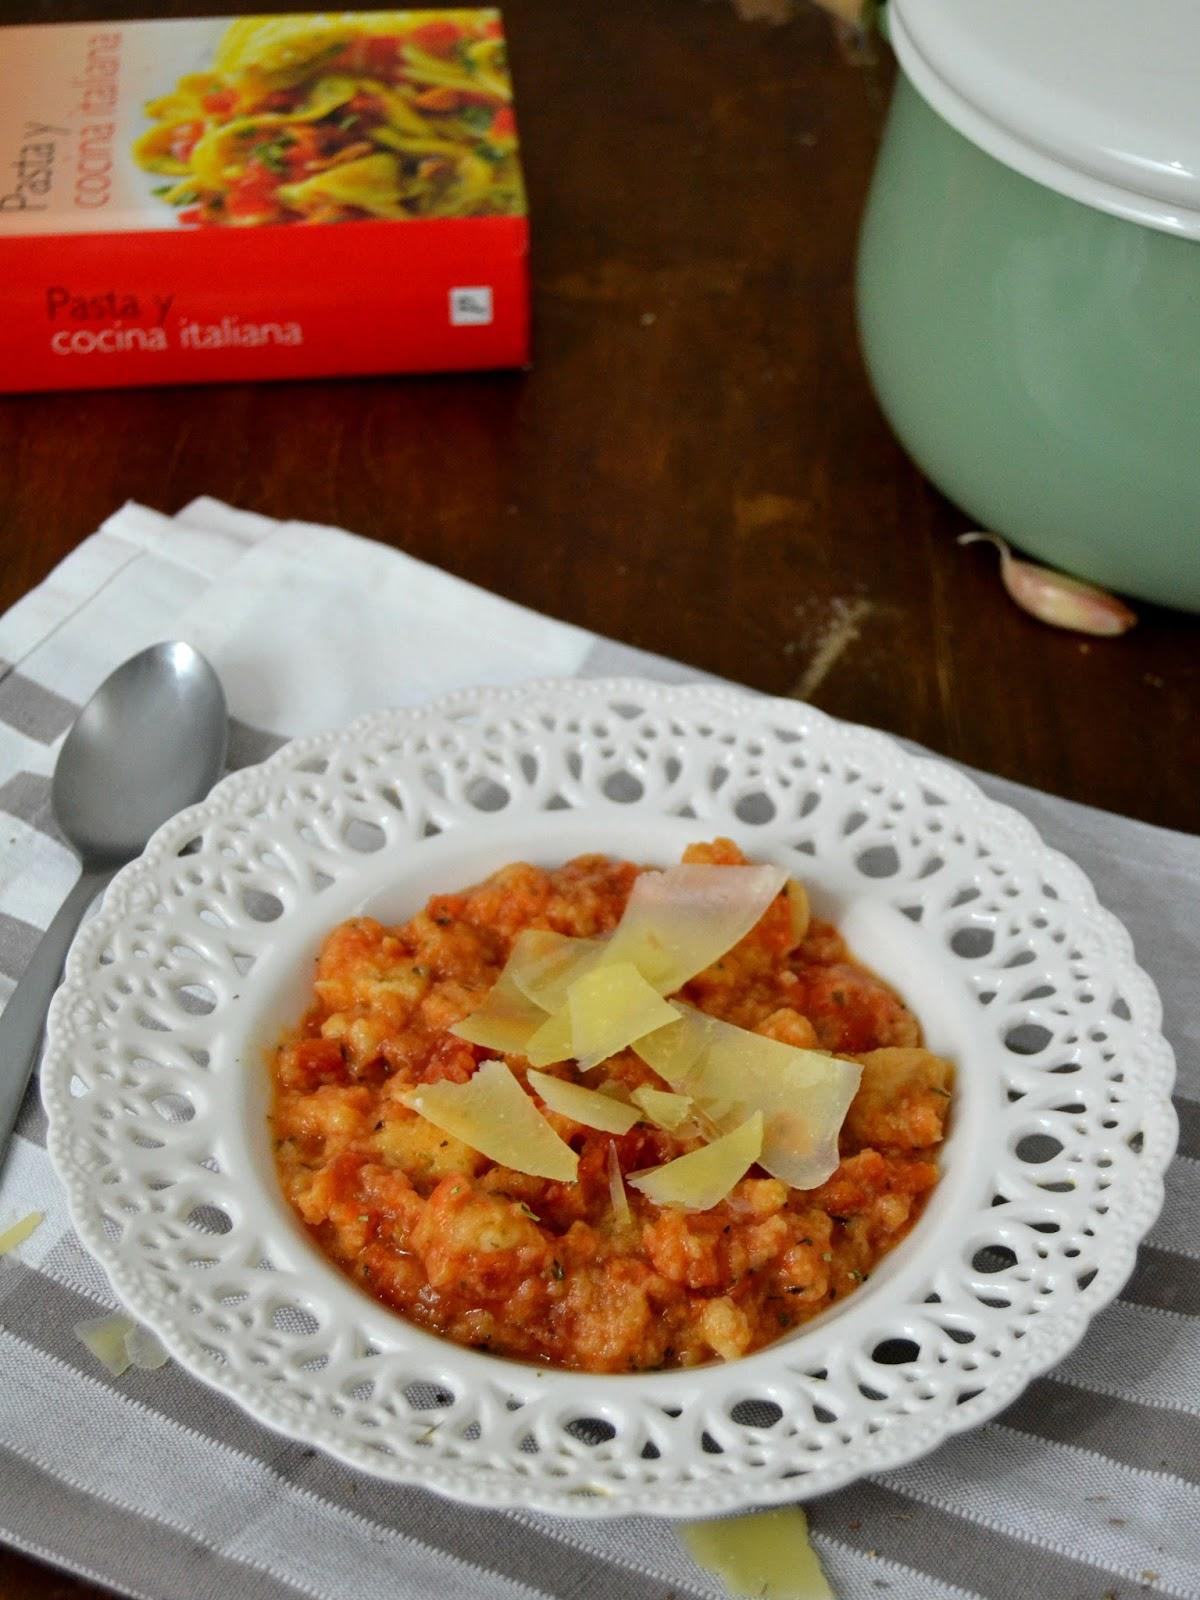 Sopa italiana de tomate y pan. Pappa al pomodoro